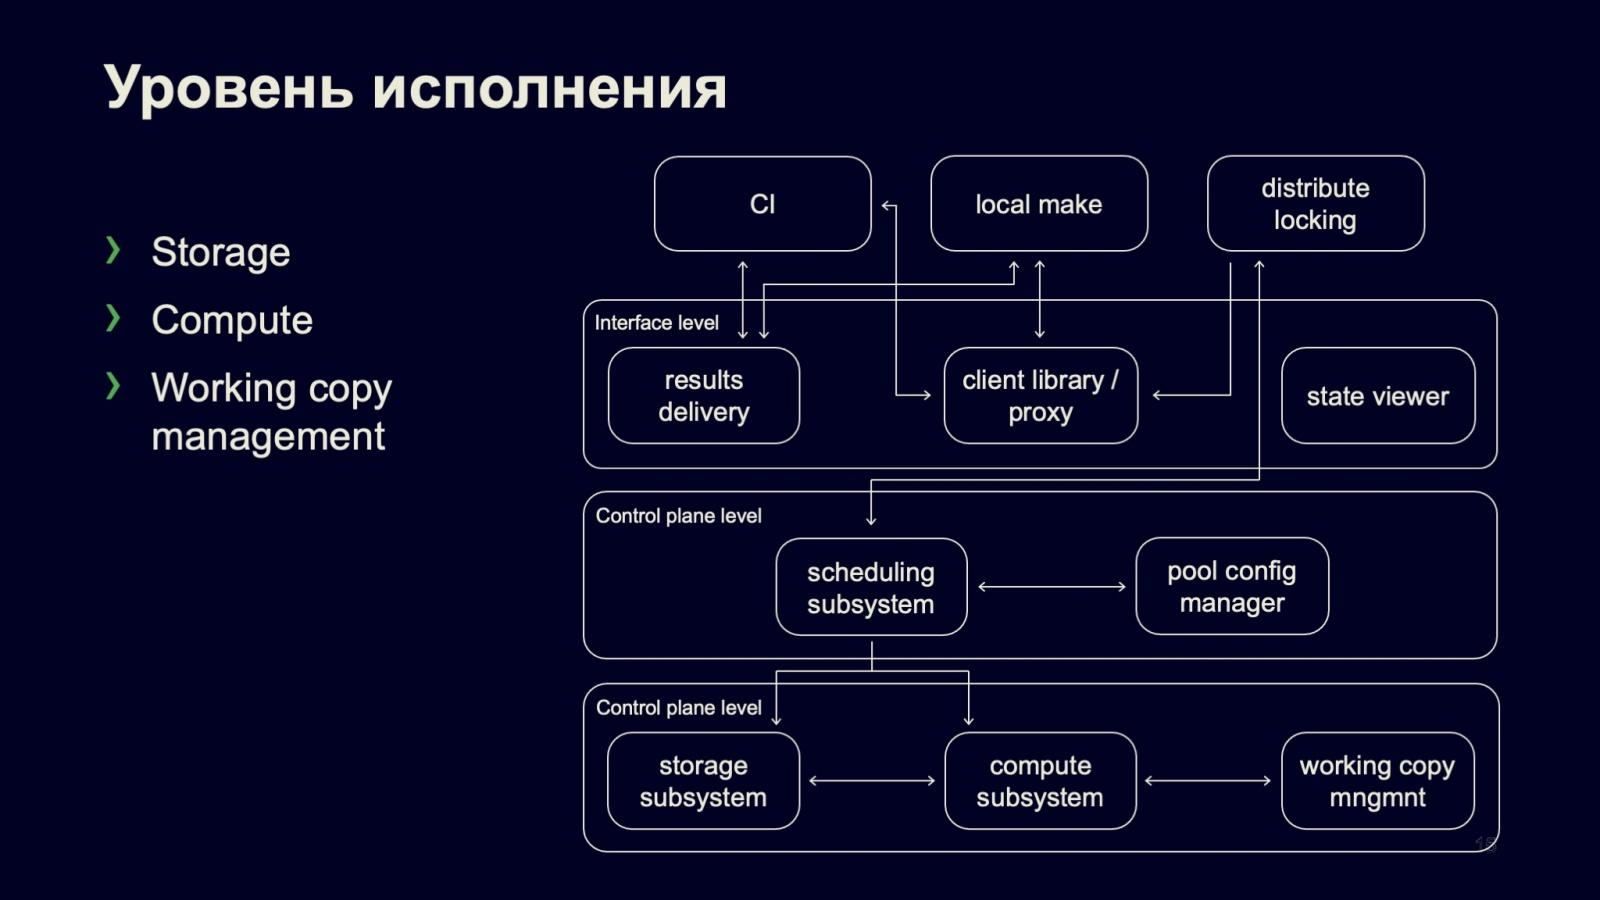 Сборка и тестирование в монорепозитории: кластер распределённой сборки DistBuild. Доклад Яндекса - 10